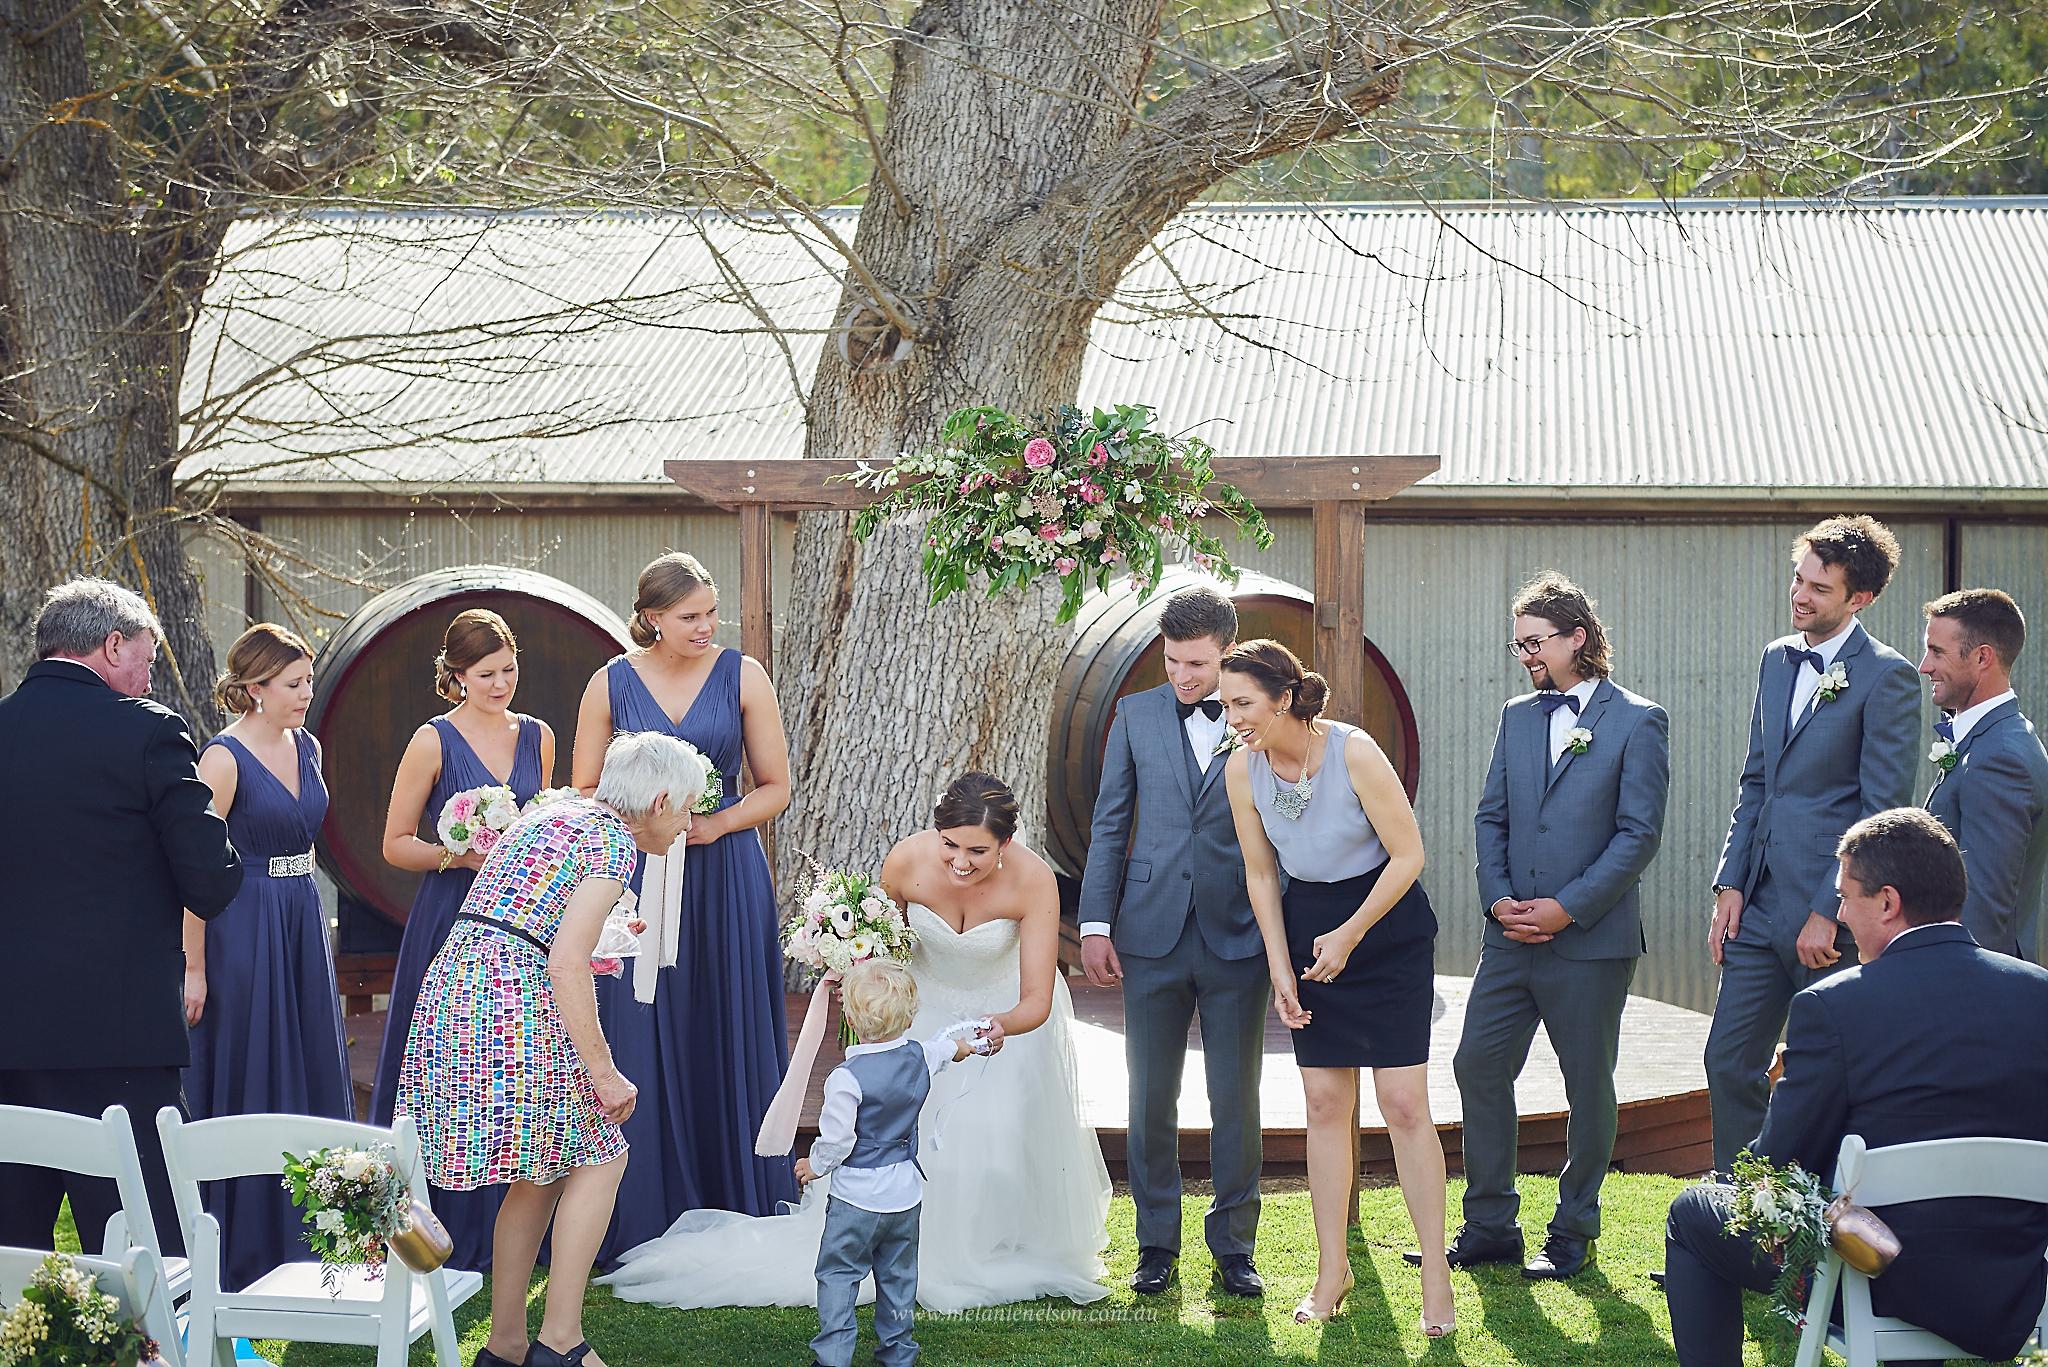 howards_vineyard_wedding_0001.jpg